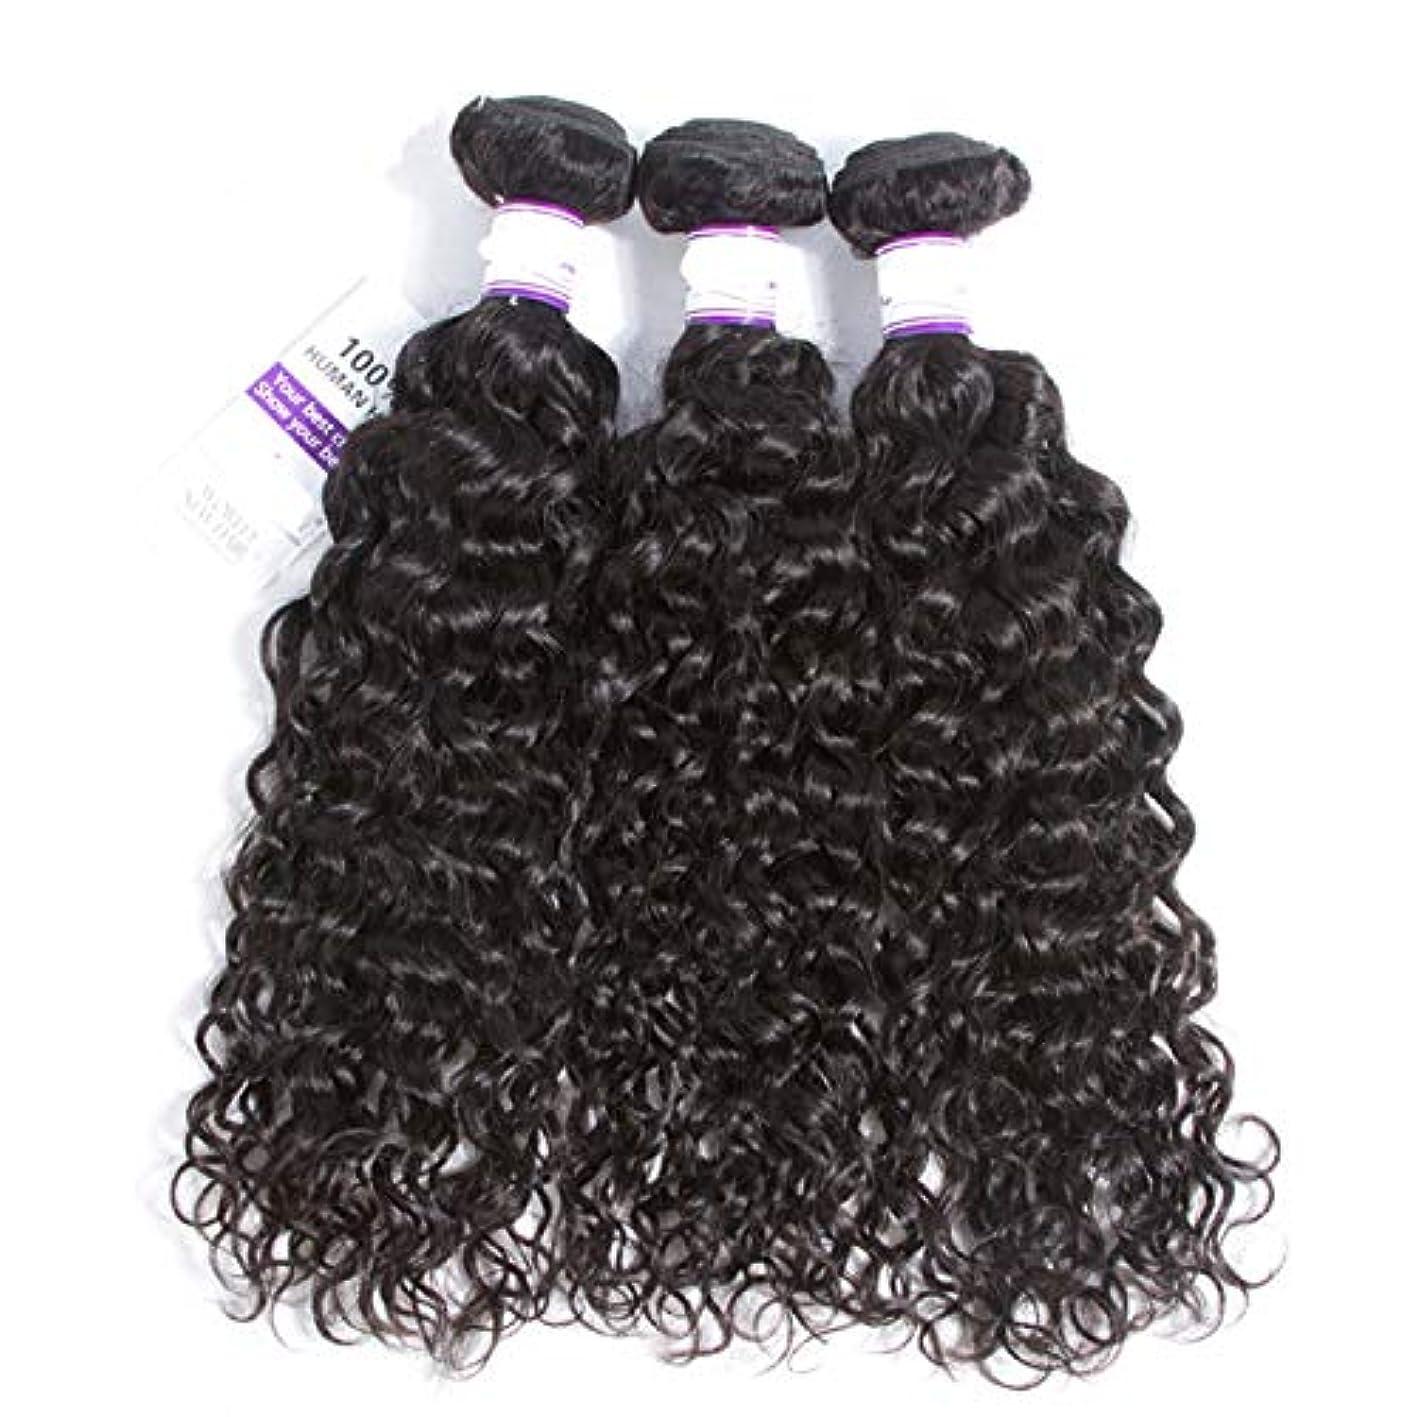 幻想発音塩辛いかつら インドの水波実体髪3バンドル髪織り100%人間のremy髪横糸8-28インチ体毛延長 (Length : 20 22 24)